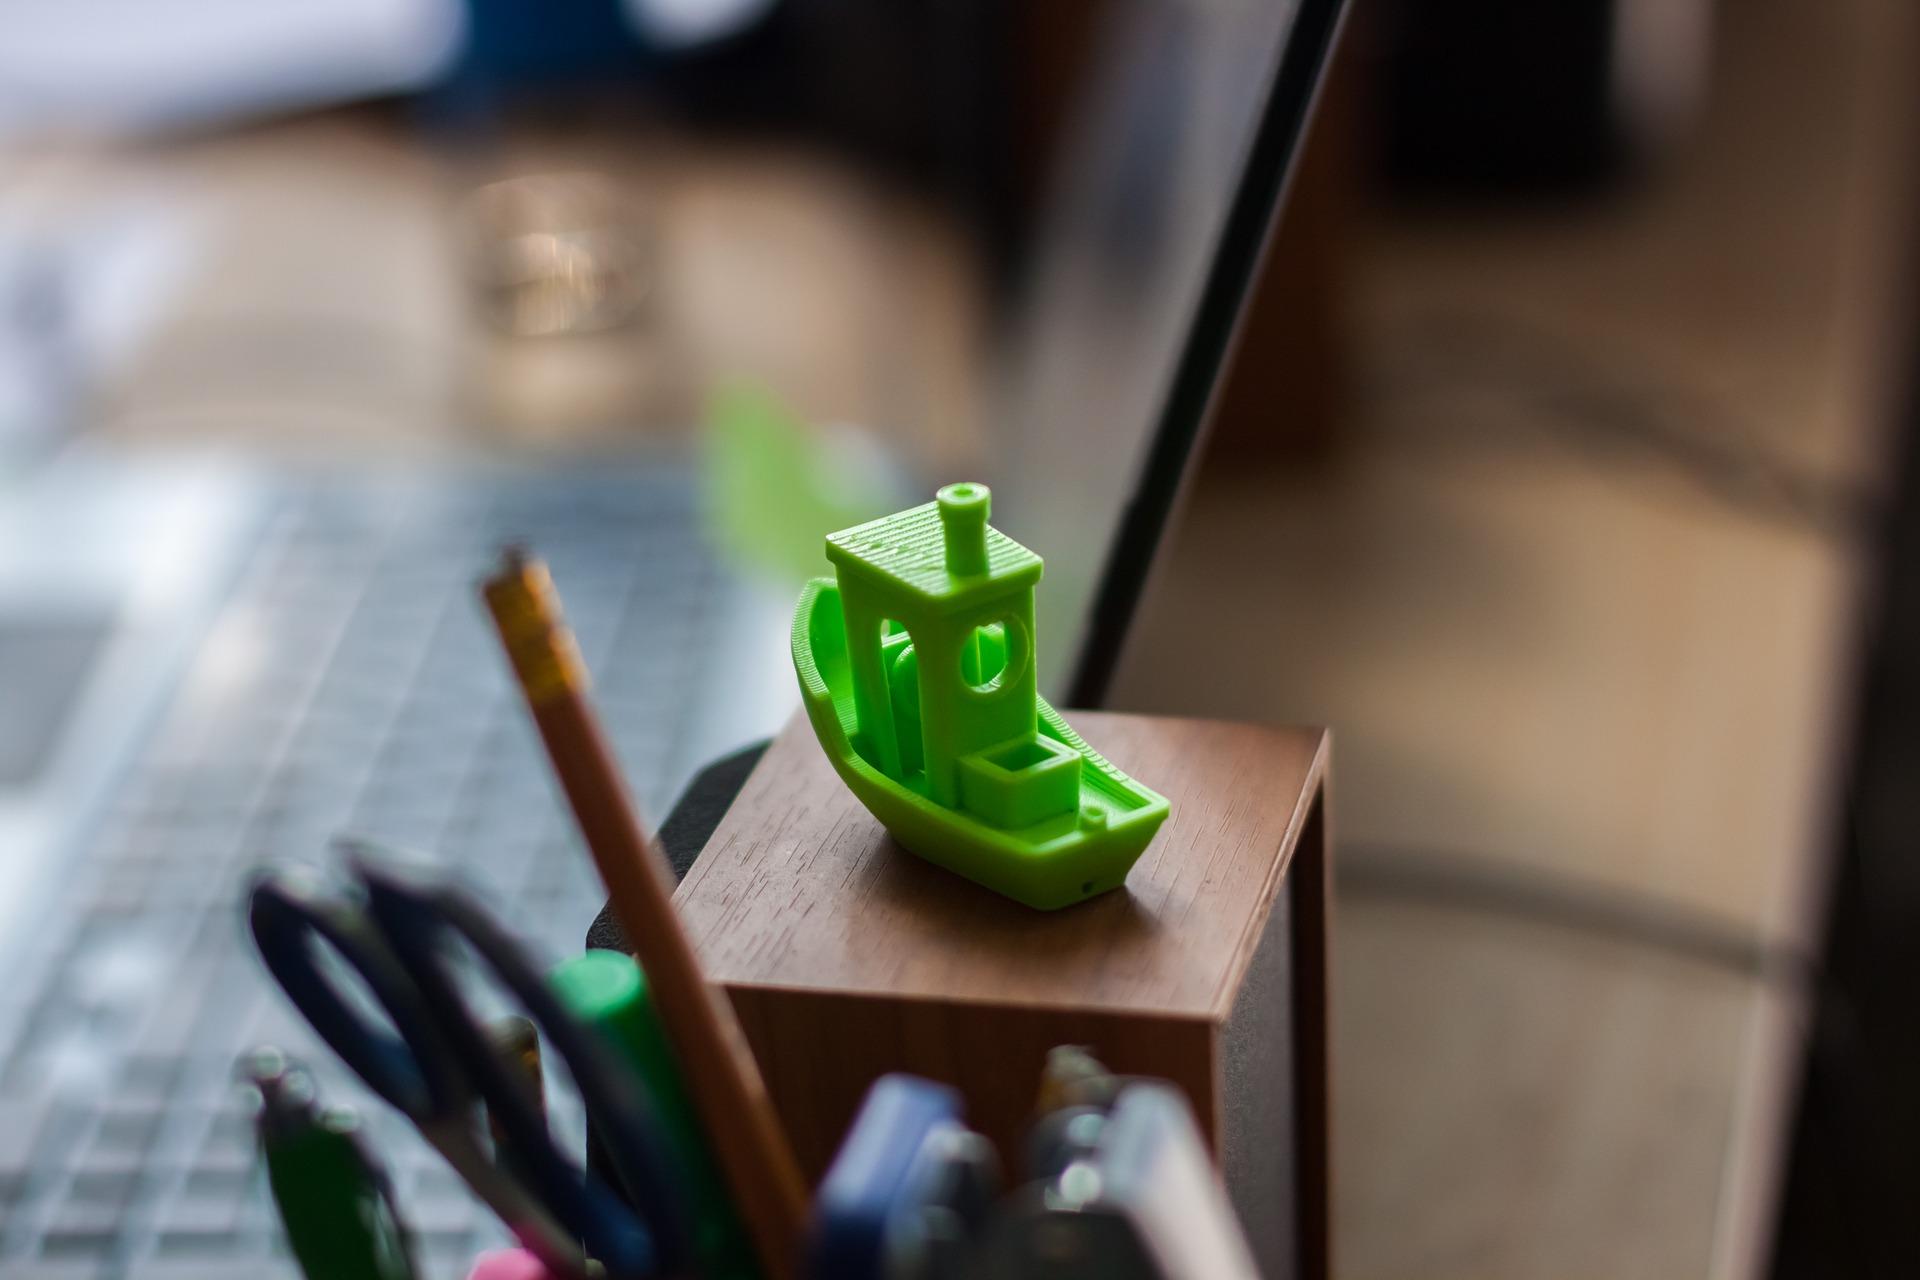 Imagem mostra um pequeno objeto criado com impressão 3D.